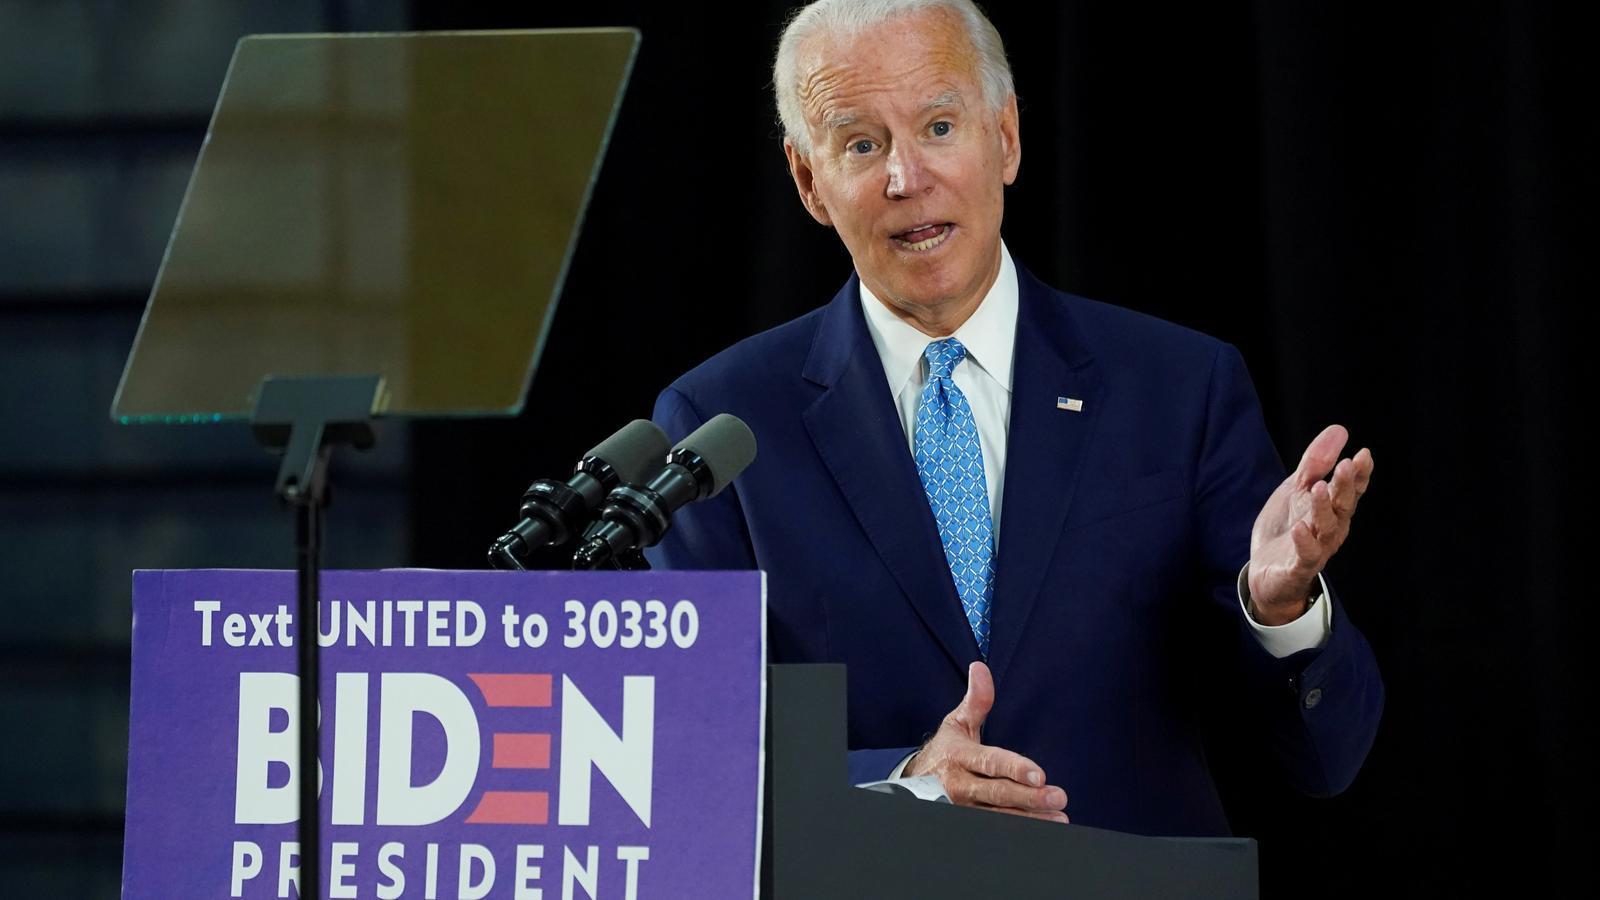 Biden no farà cap míting presencial durant la pandèmia